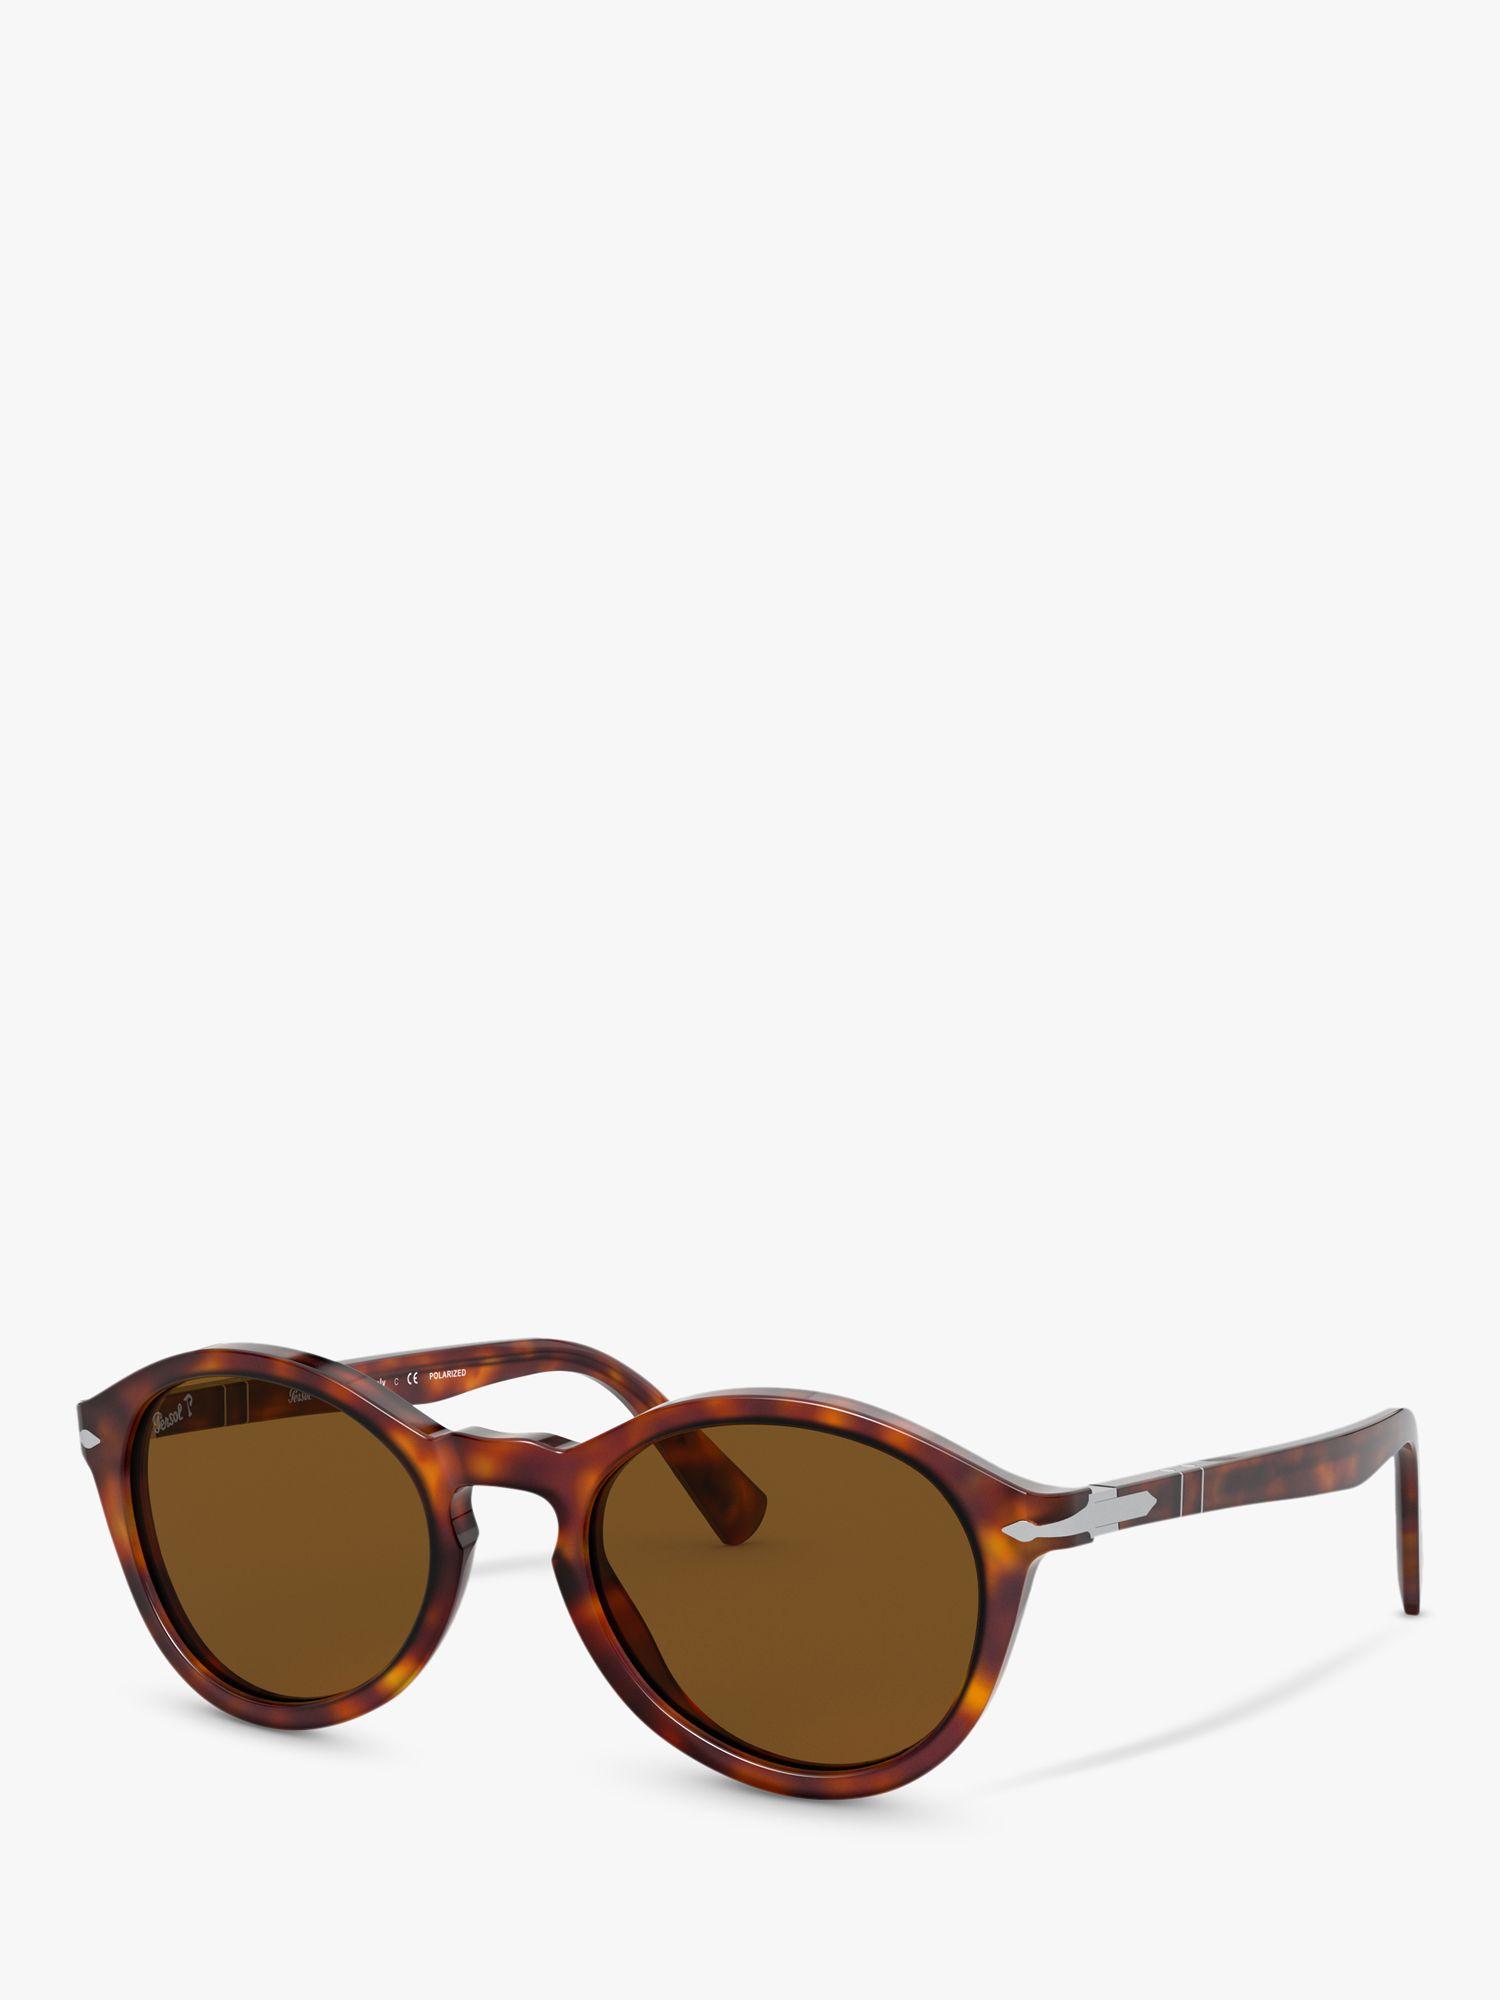 Persol Persol PO3237S Unisex Polarised Oval Sunglasses